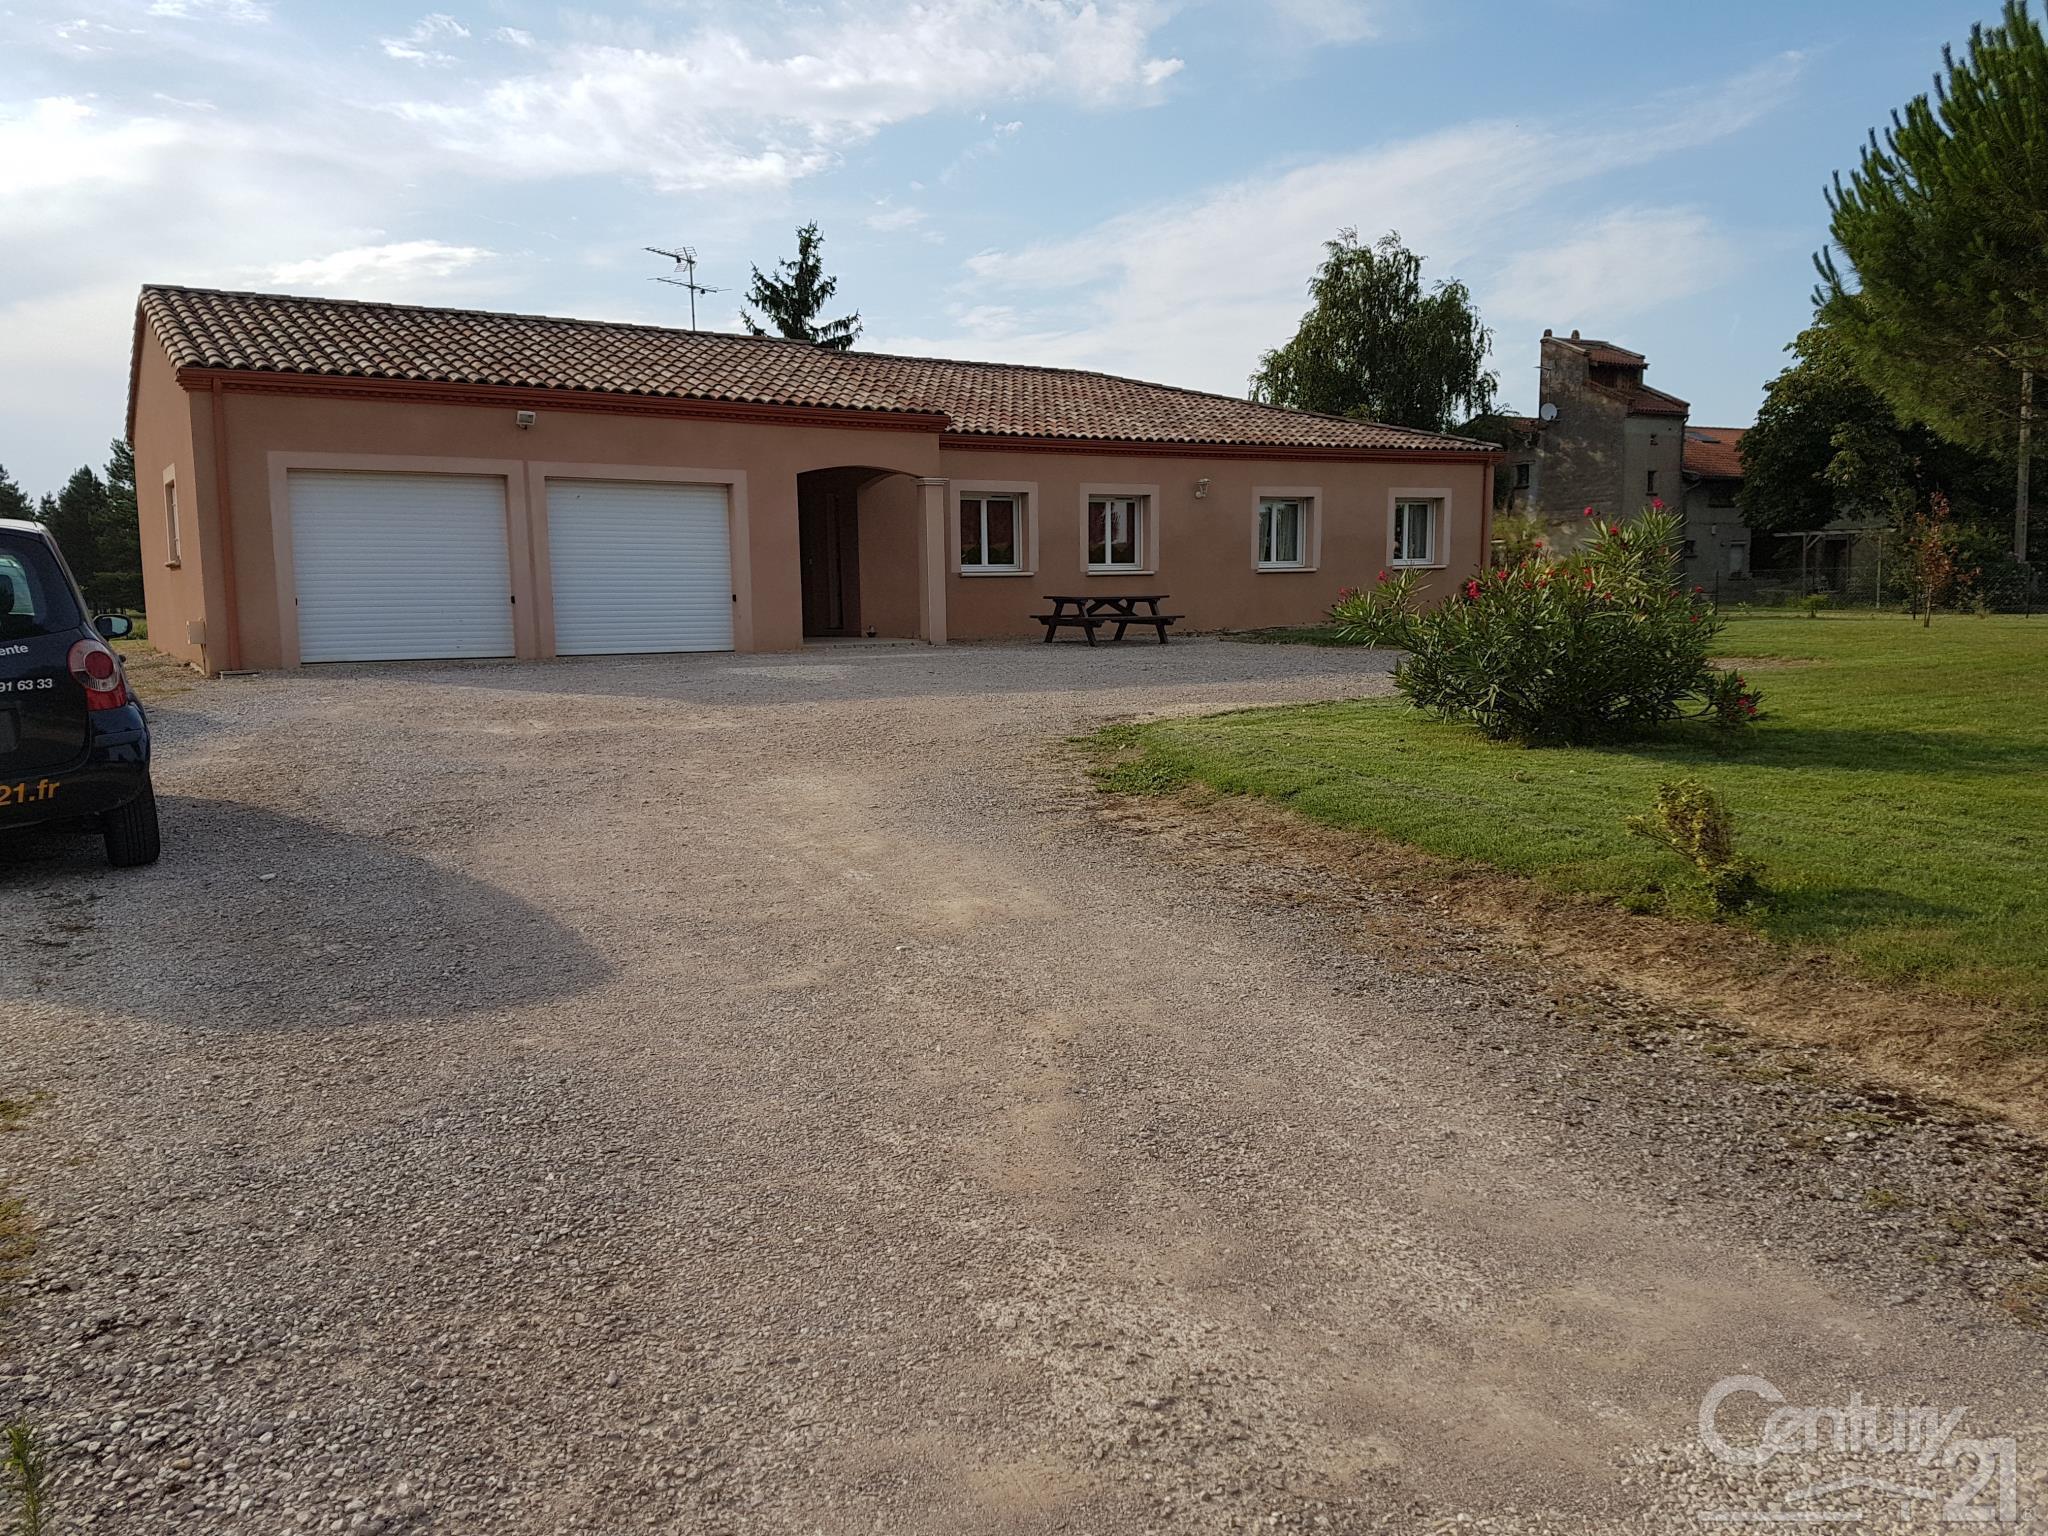 Annonce location maison montauban 82000 118 m 947 for Annonces location maison